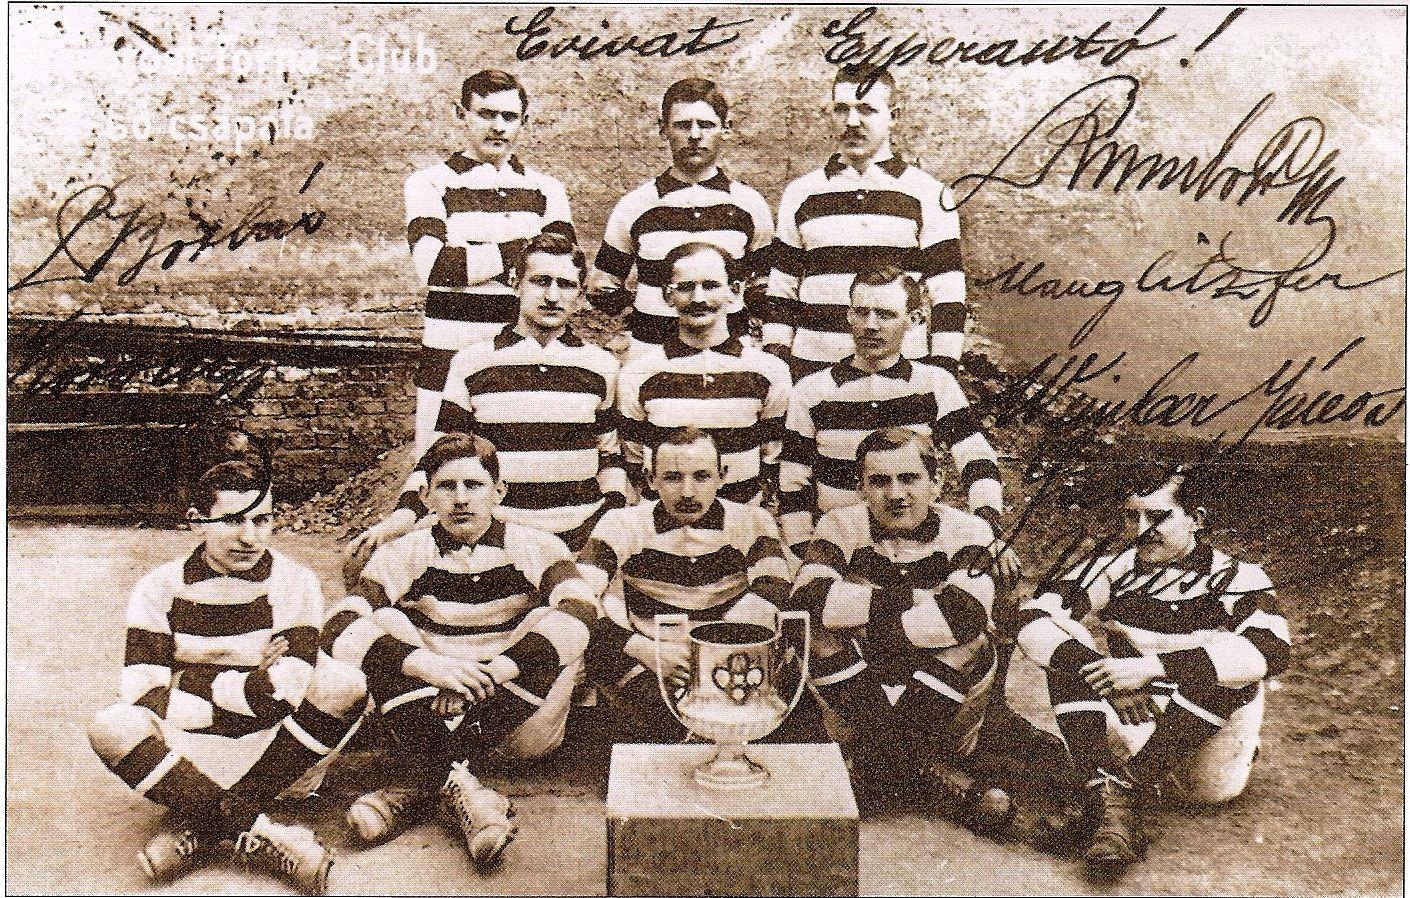 Felső sor: Rumbold, Fritz, Manglitz. Középső sor: Weinber II., Bródy, Gorszky. Elől: Rónai, Weisz F., Koródy, Schlosser, Szeitler